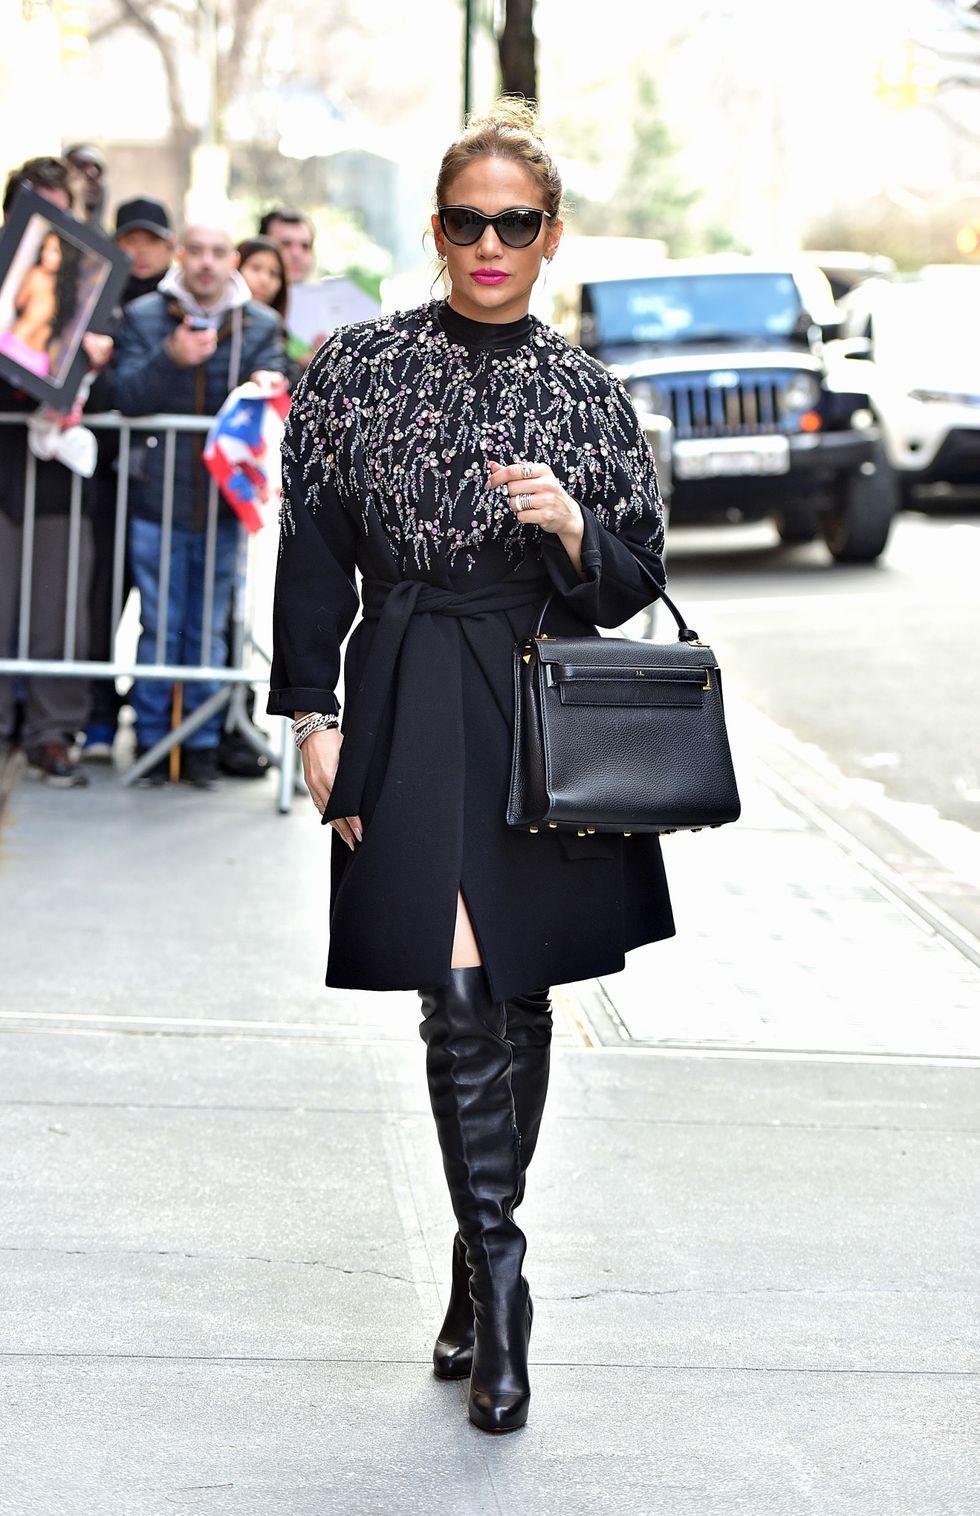 JLo megérkezik az ABC csatorna 'The View' műsorába, New Yorkban